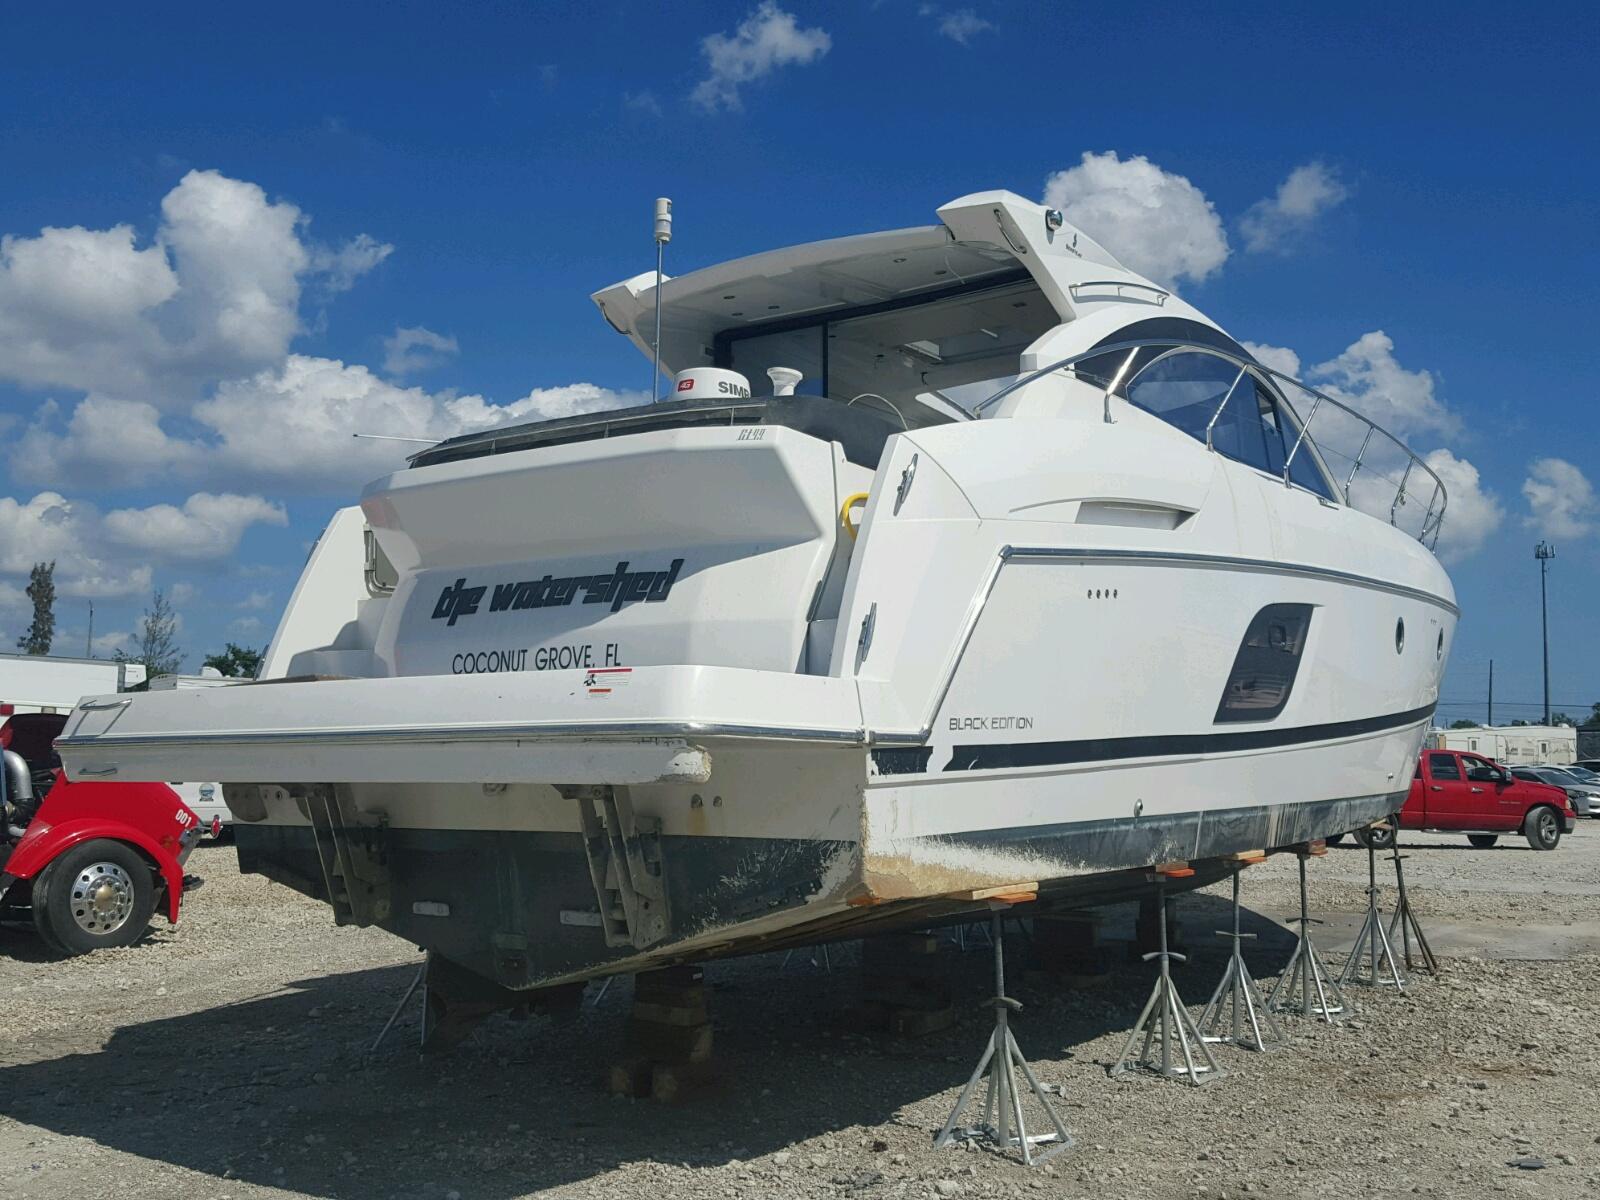 2017 Bene Boat in FL - Miami South (BEYDF104K617) for Sale ...